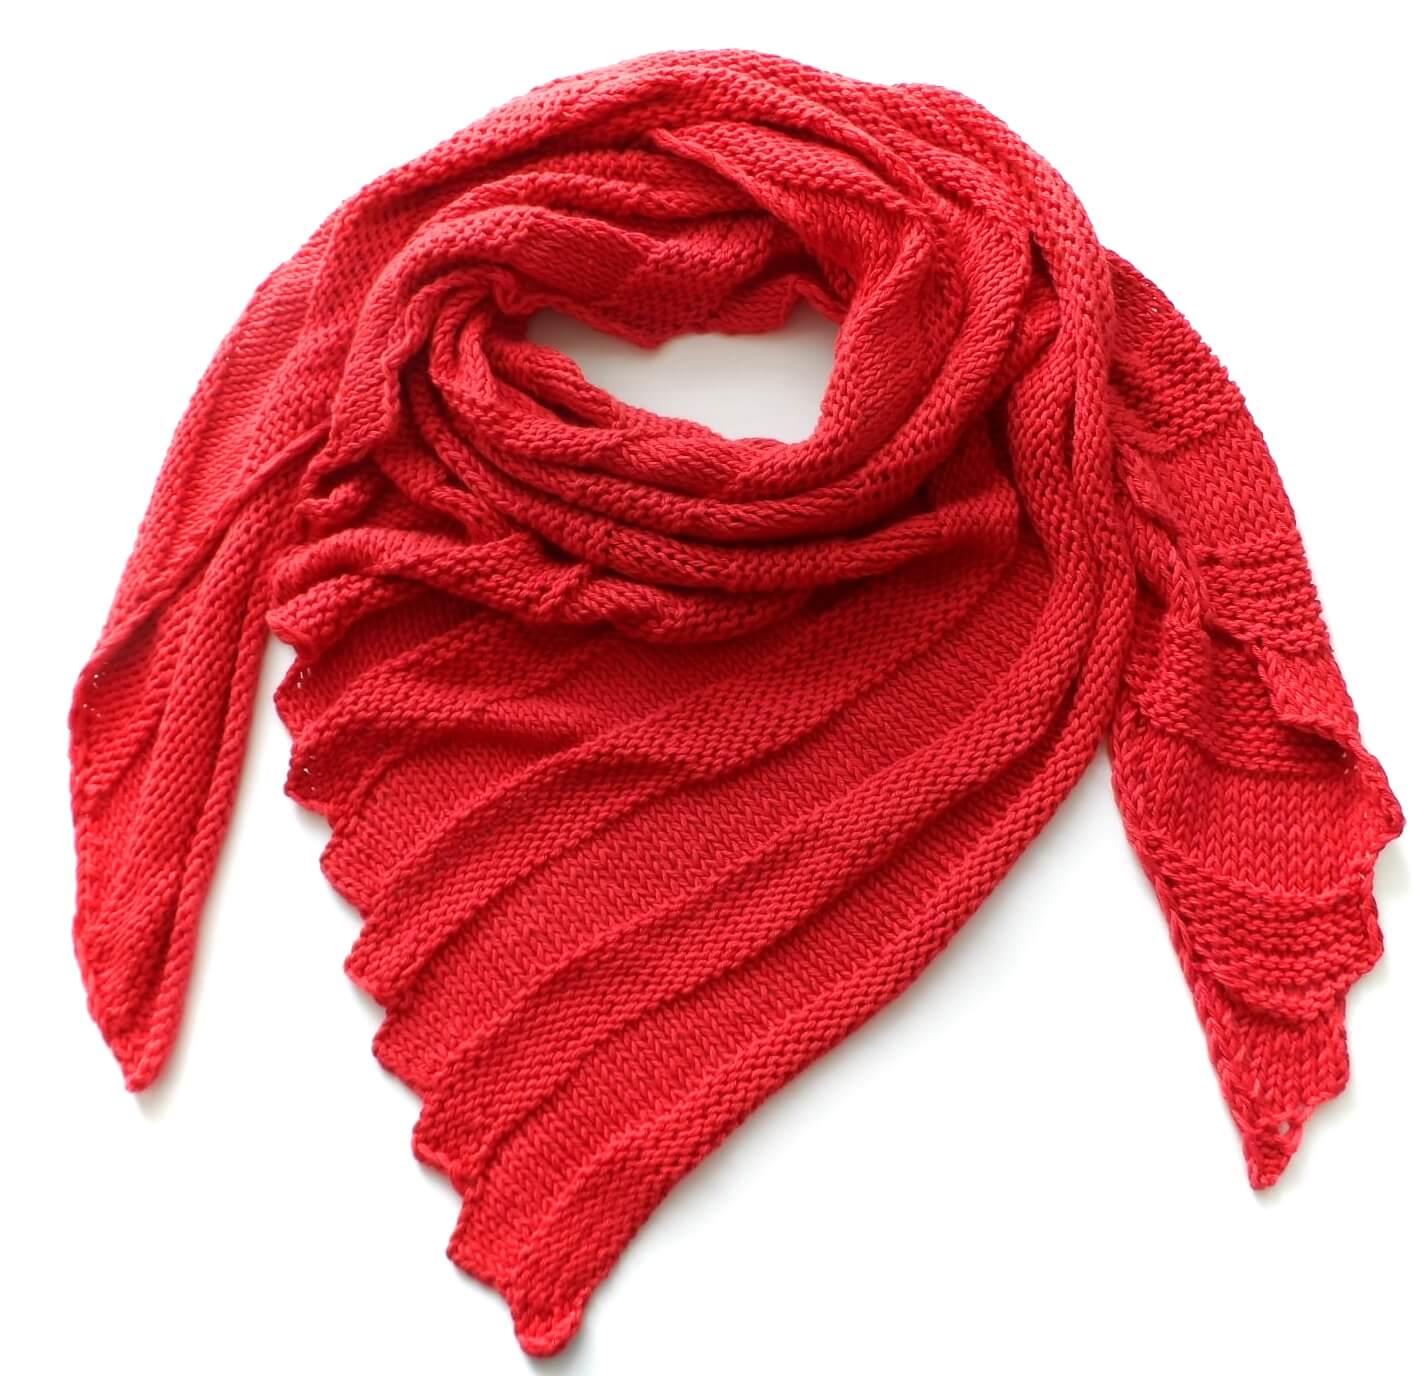 Home - slider home shawls smart